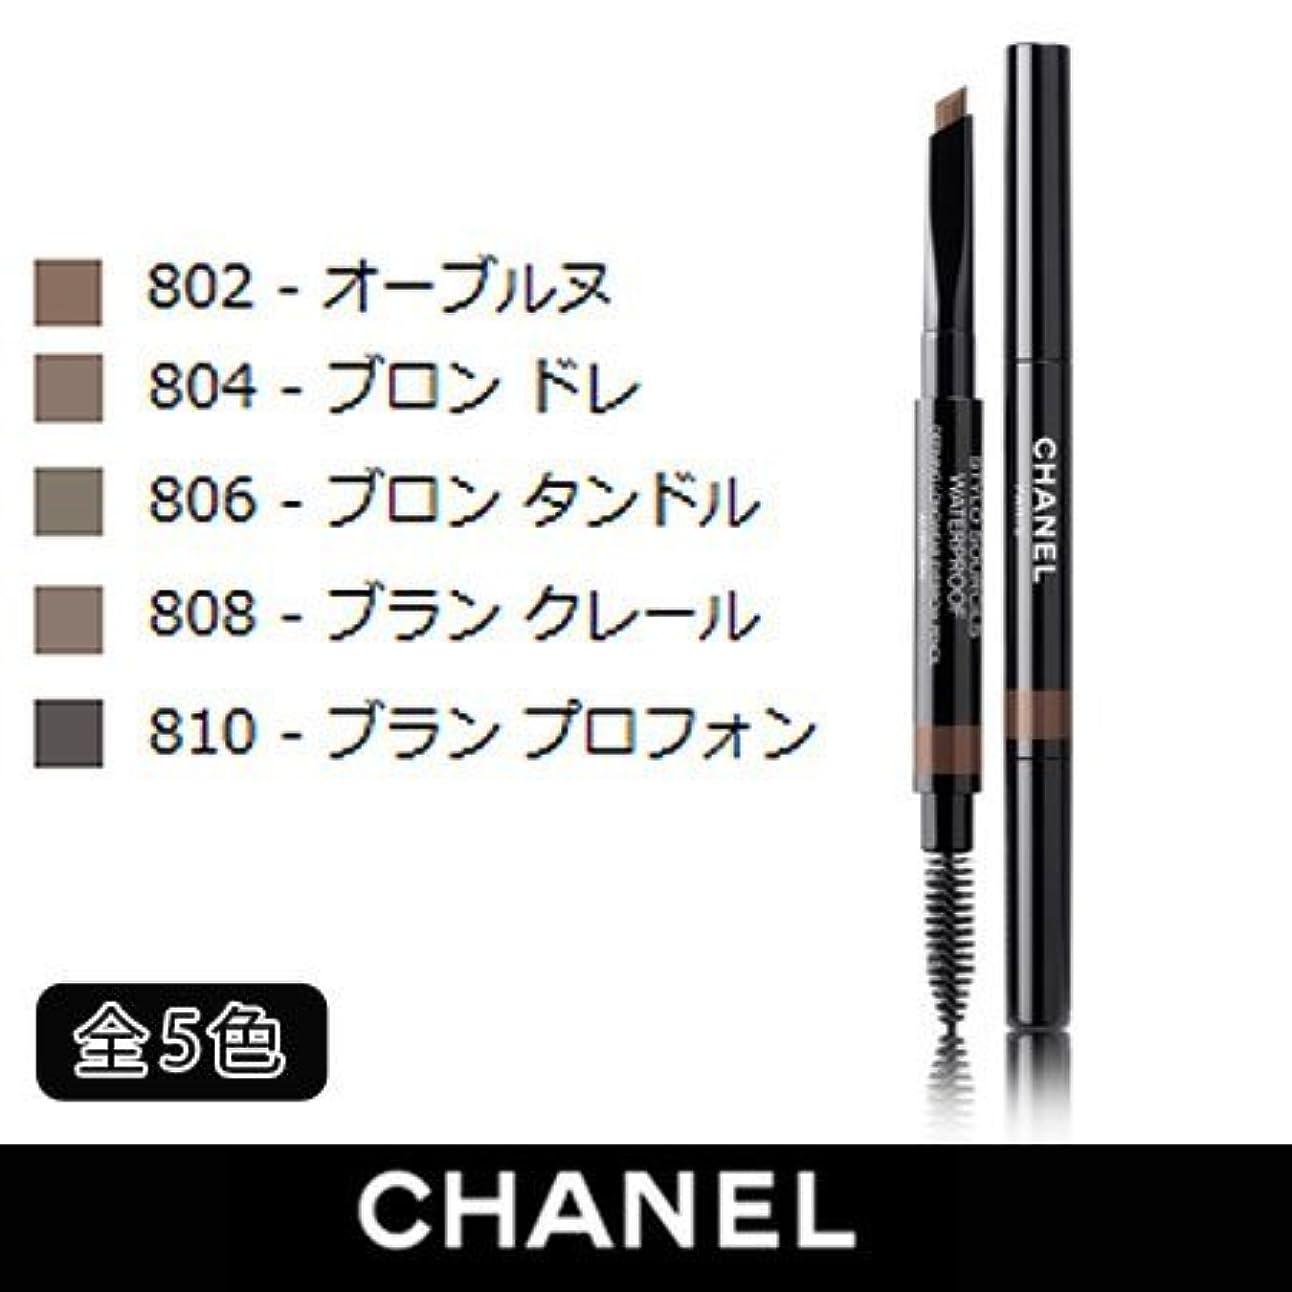 シャネルスティロ スルスィル ウォータープルーフ 全5色 -CHANEL- 804